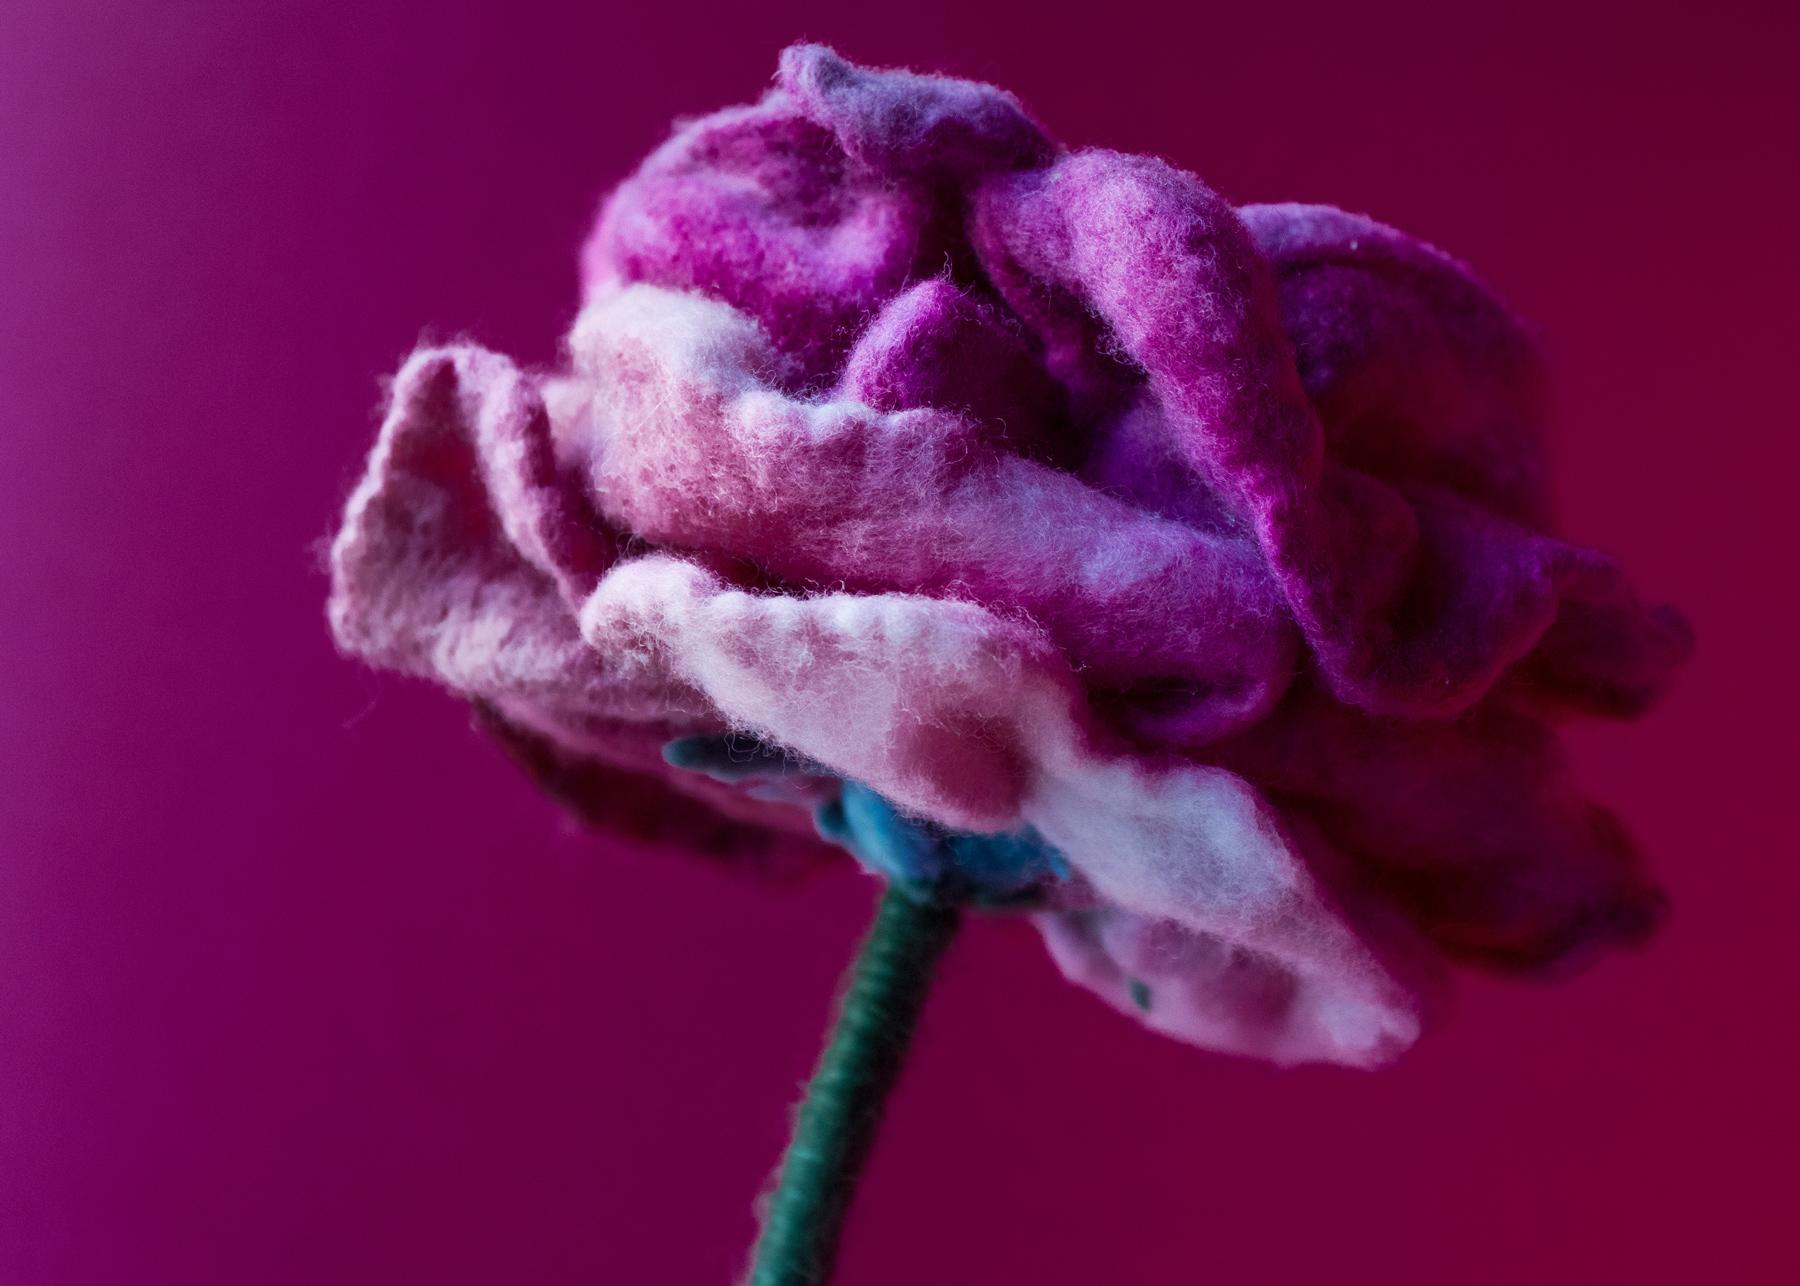 felt-flower-lamp_Wine-Rose_Adelya-Tumasyeva_5.jpg